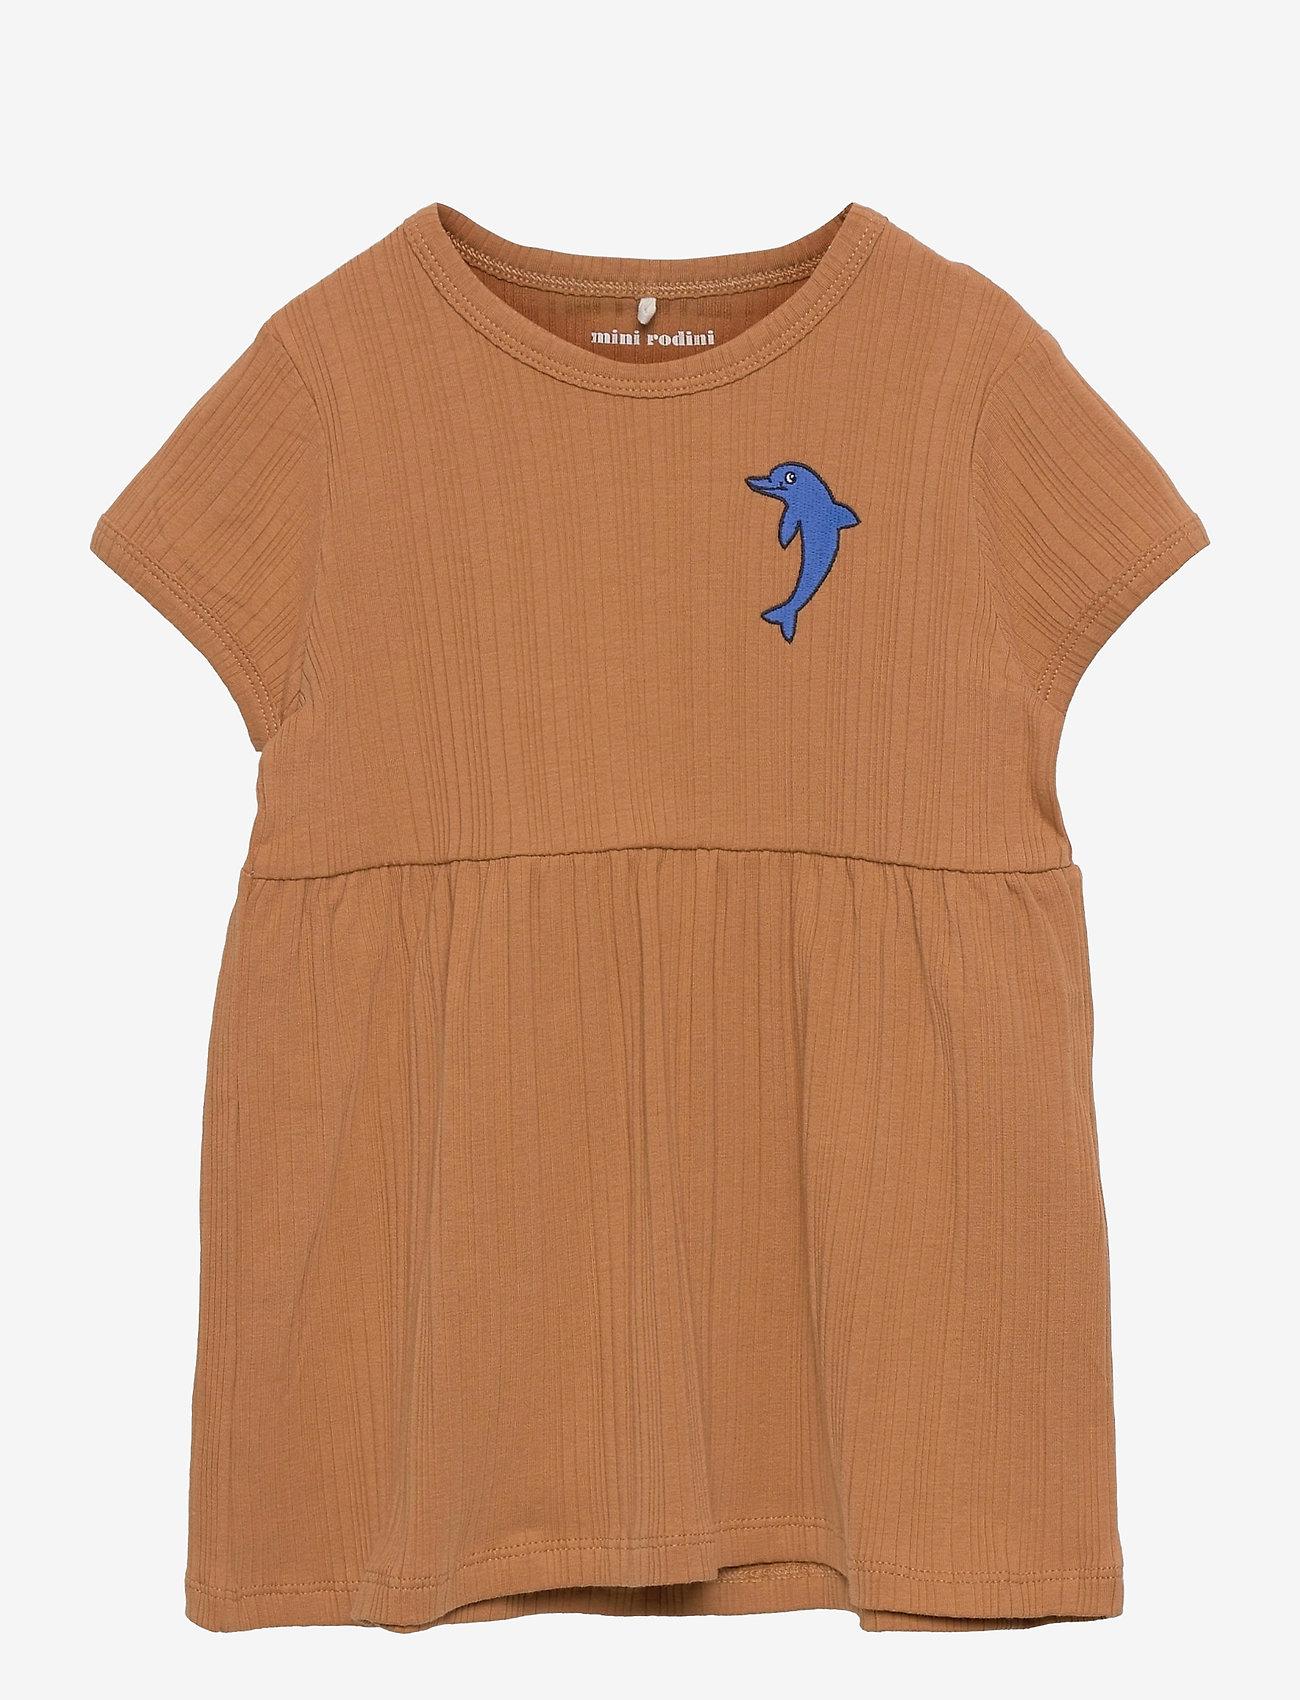 Mini Rodini - Dolphin emb ss dress - kleider - brown - 0